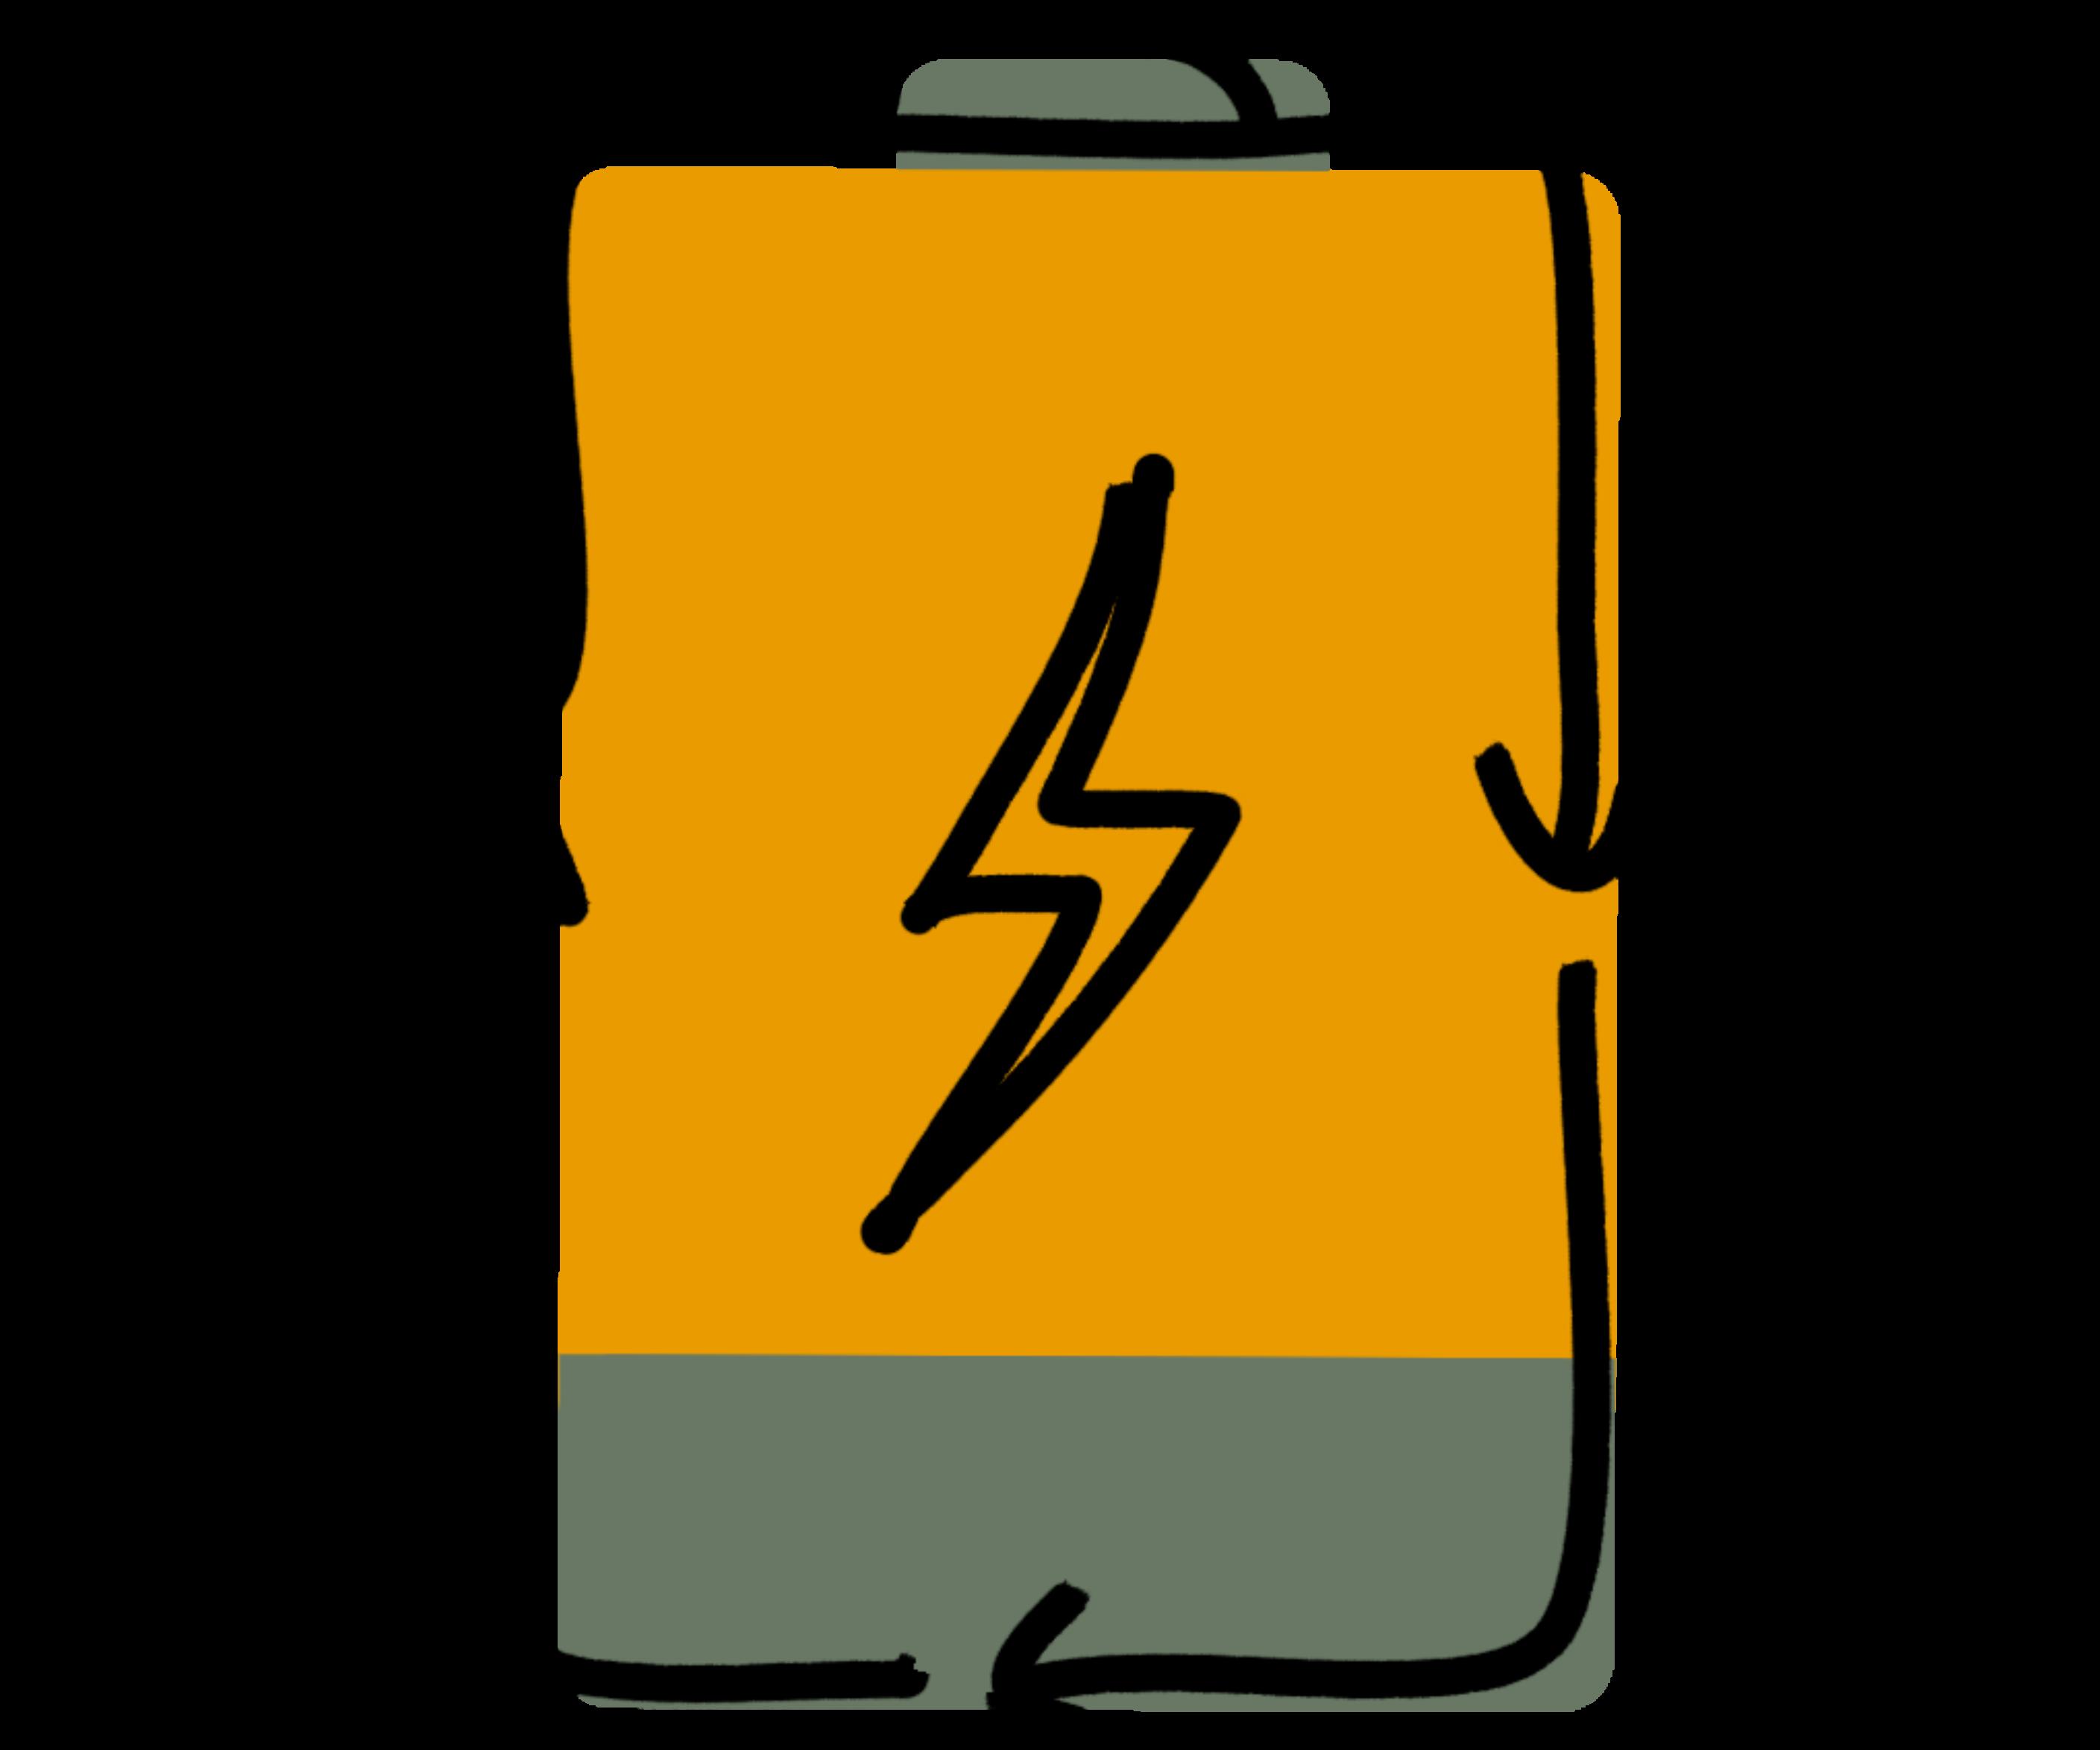 """Tekening van een batterij met recycleerpijltjes als symbool voor """"re-energize"""""""